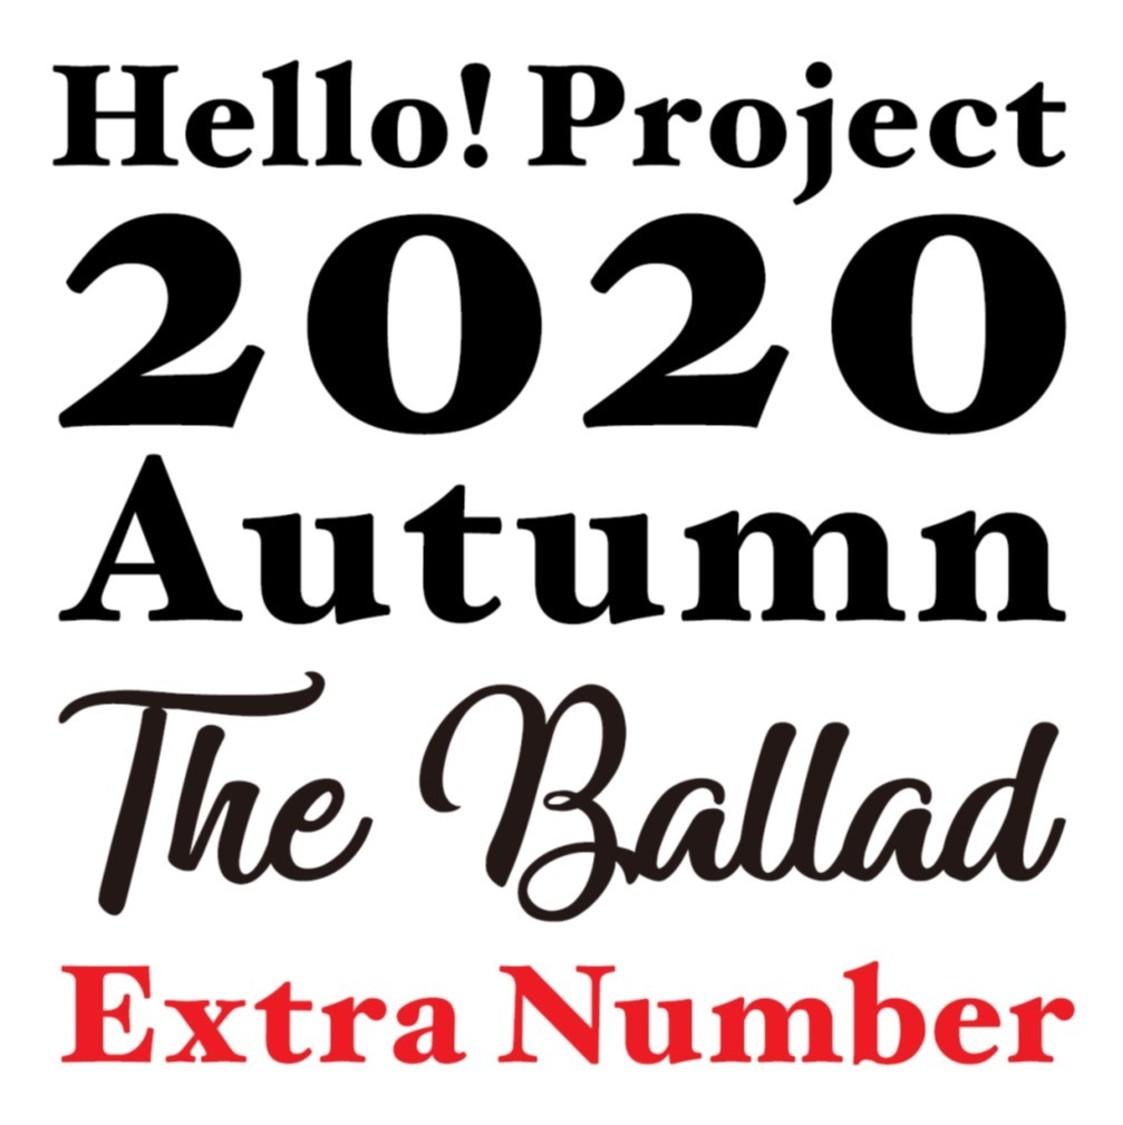 モーニング娘。'20、アンジュルム、Juice=Juice、つばきファクトリーがバラード曲のカバーを歌う! <Hello! Project 2020 〜The Ballad〜>日本武道館公演の生中継決定